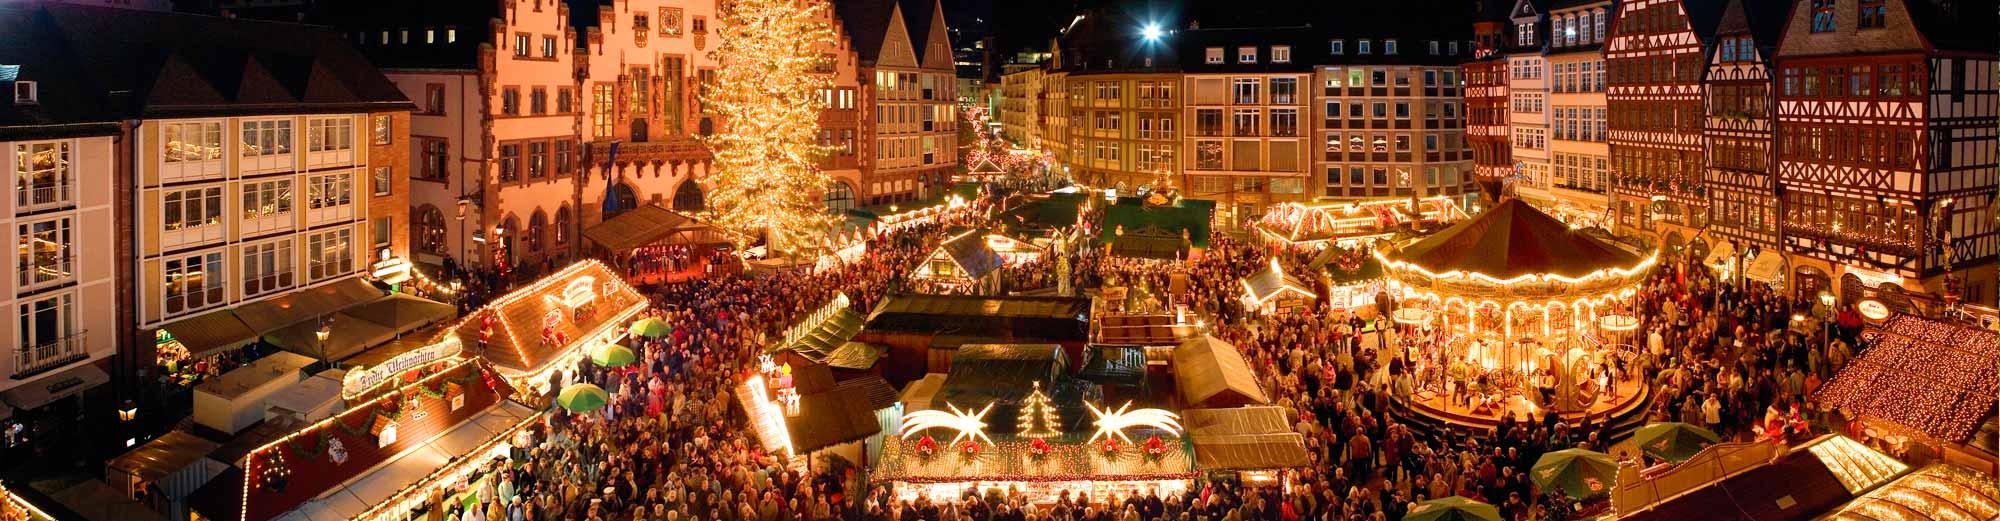 «Волшебное путешествие накануне Рождества» Франция – Швейцария